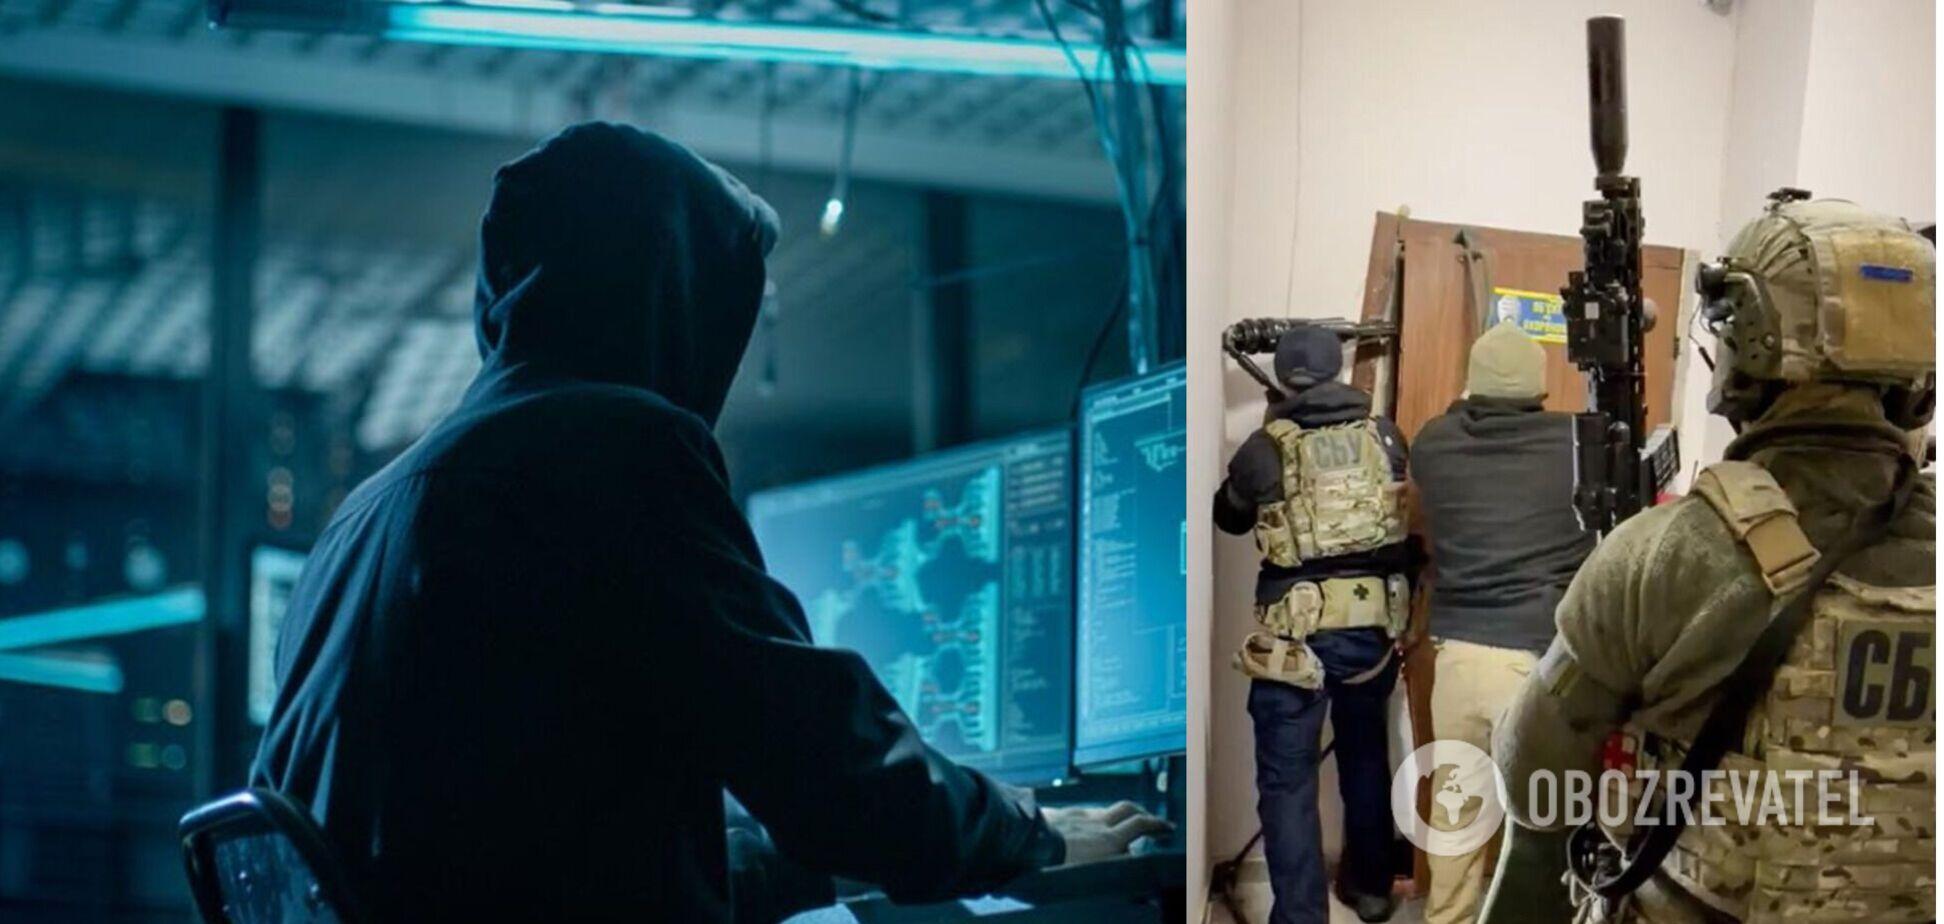 СБУ обезвредила группу хакеров, от которых пострадали 150 компаний в Европе и США. Фото